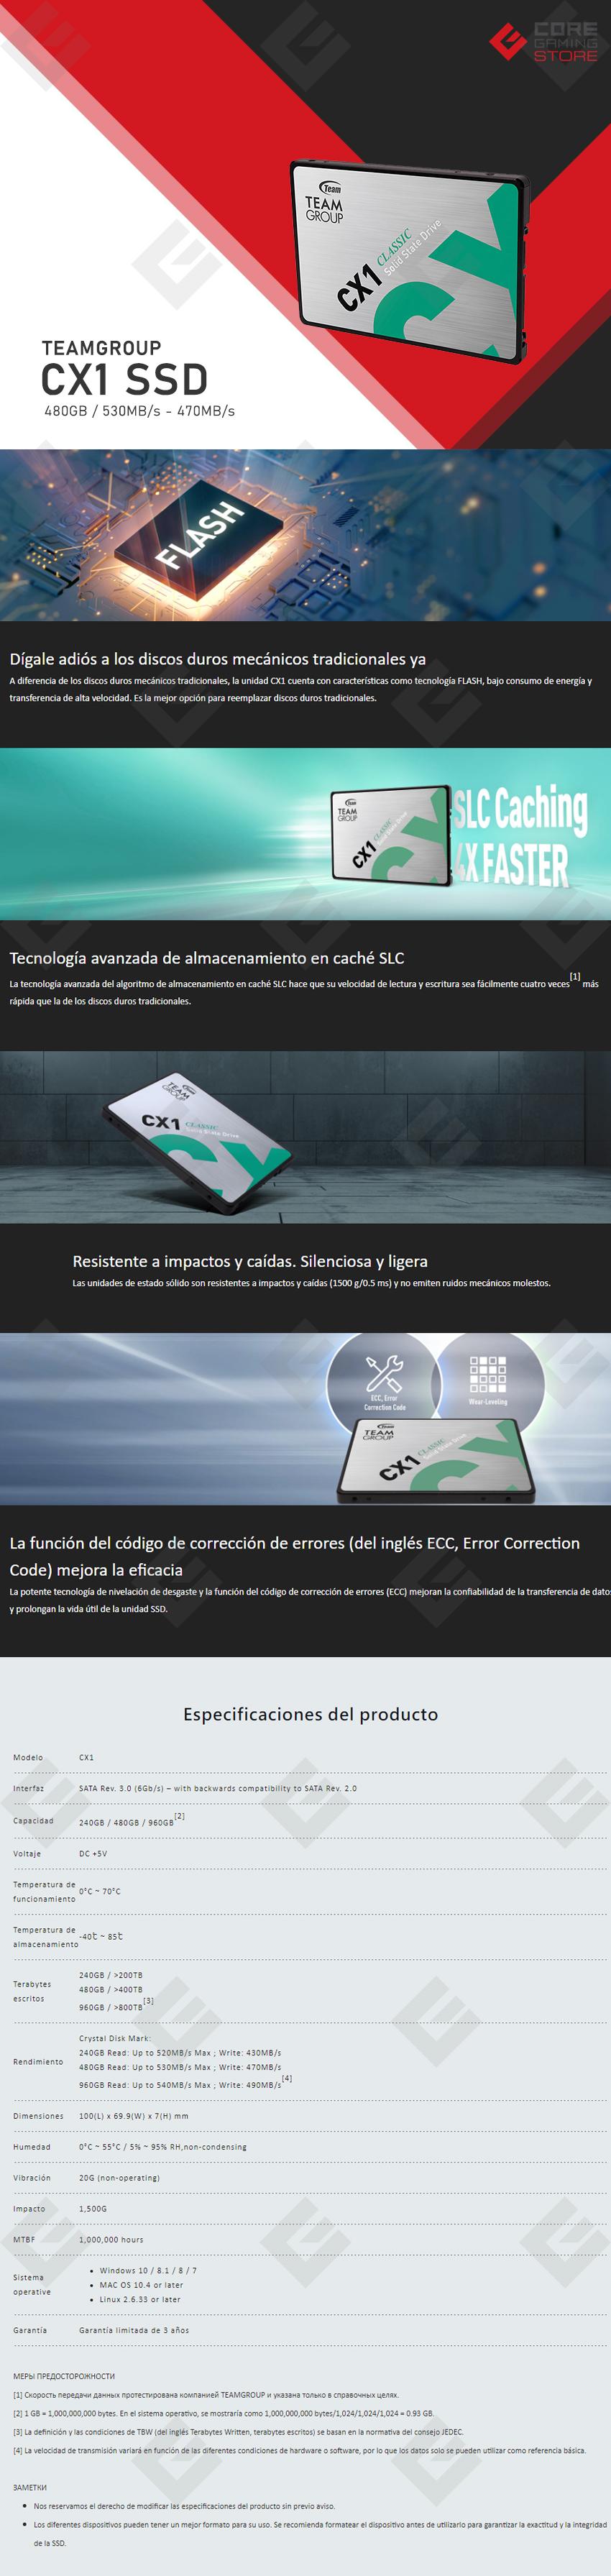 Unidad de Estado Solido SSD Teamgroup CX1 480GB, 530/470 MB/s, SATA - T253X5480G0C101